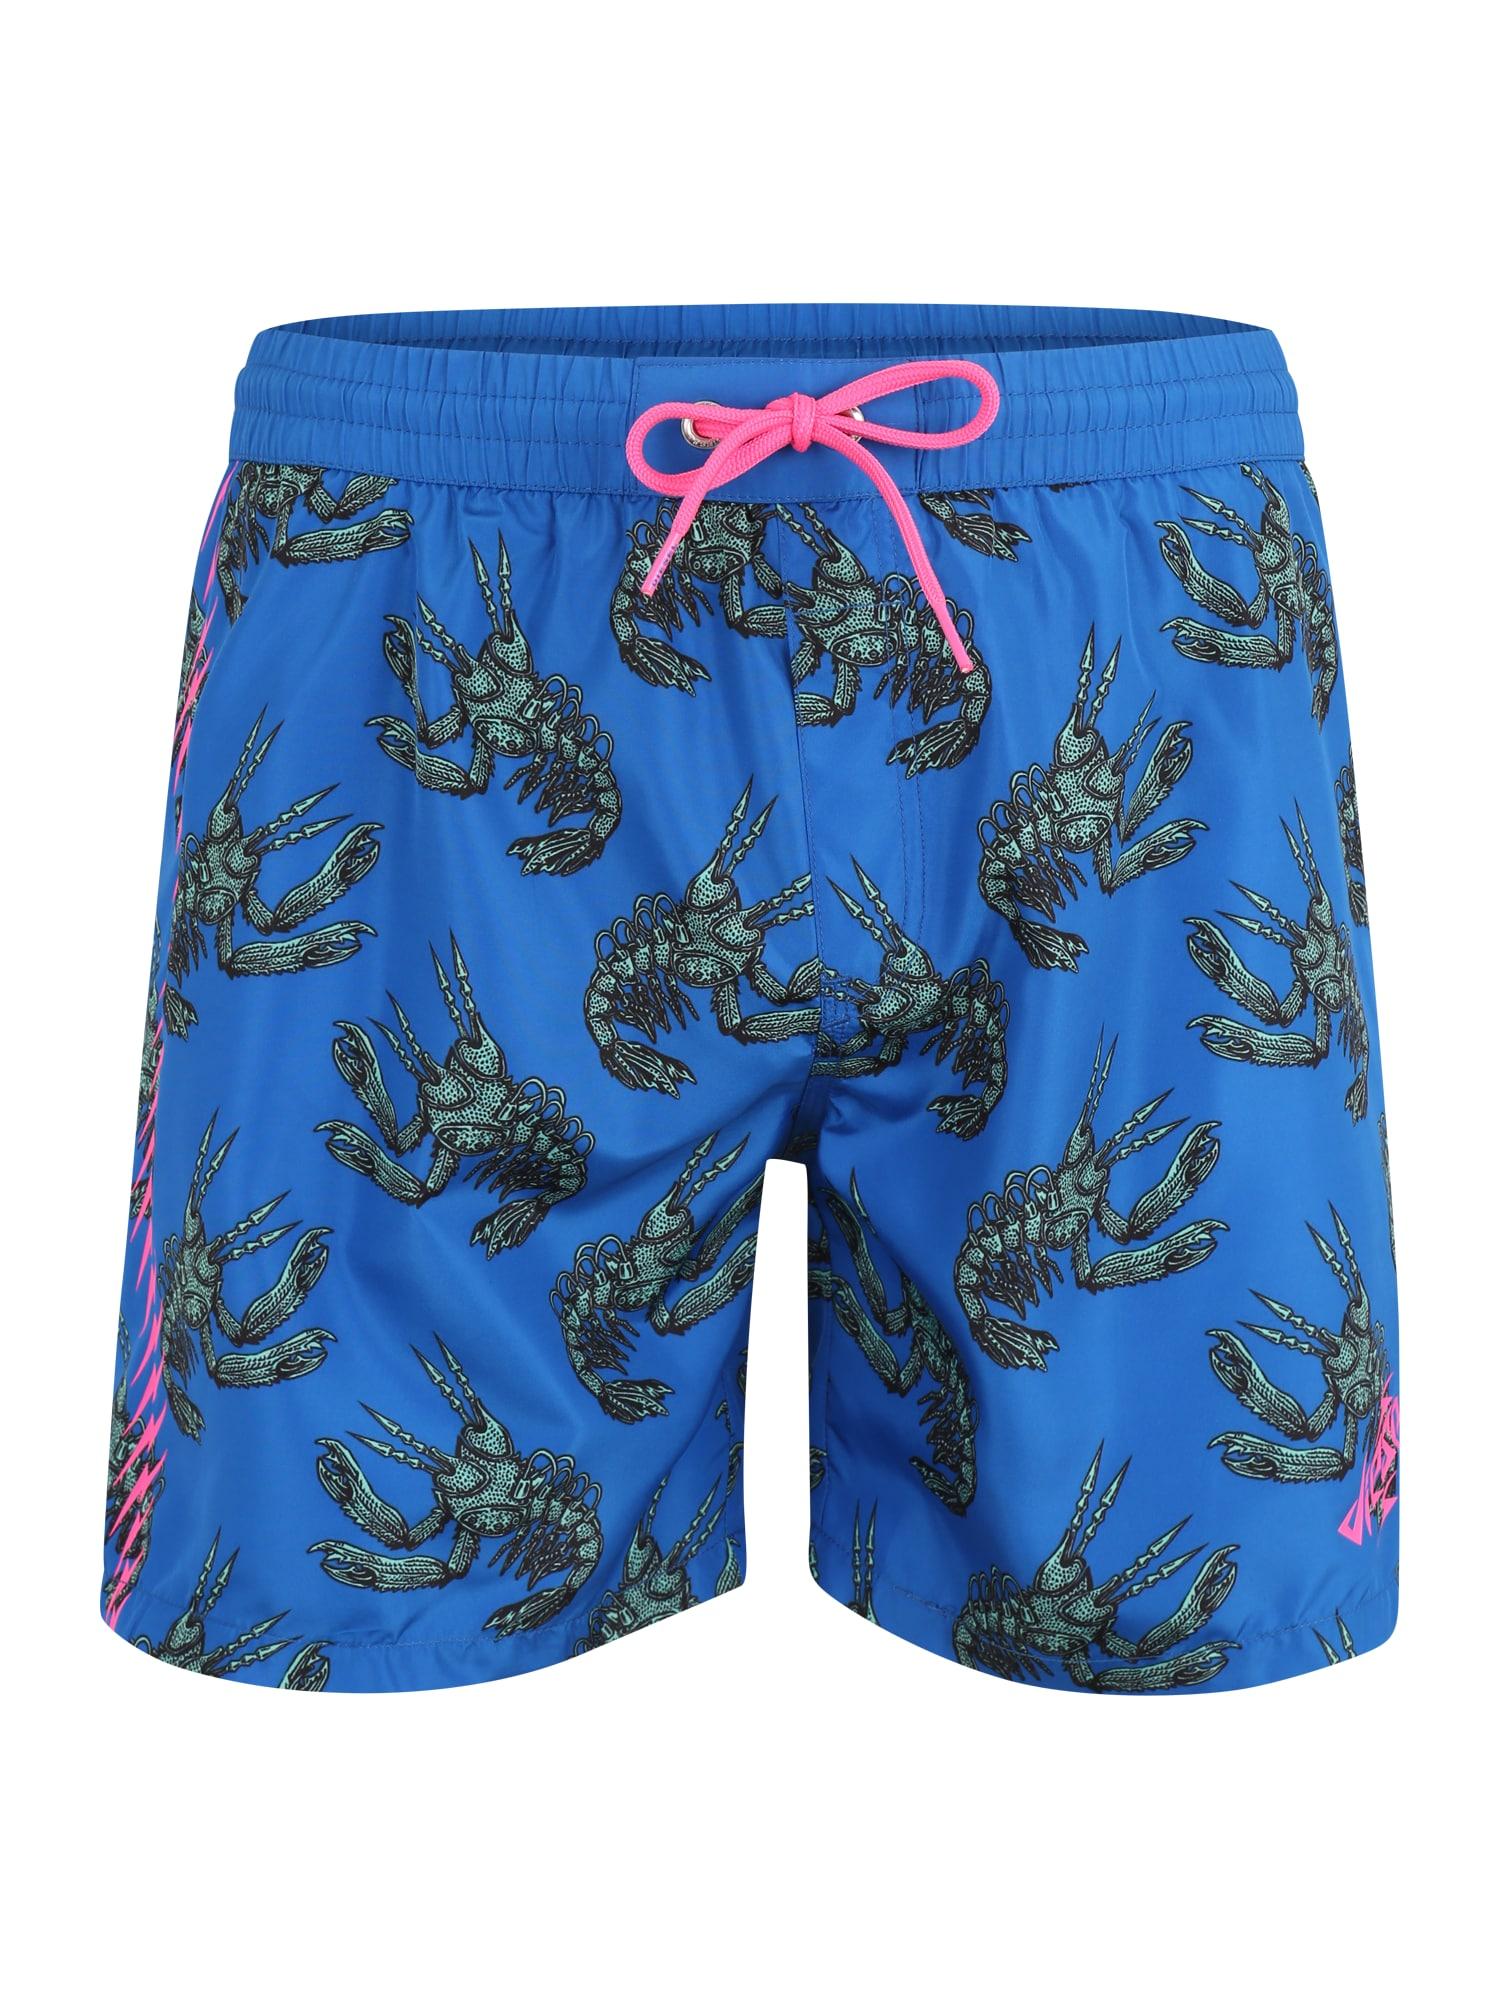 Plavecké šortky BMBX-WAVE královská modrá zelená DIESEL